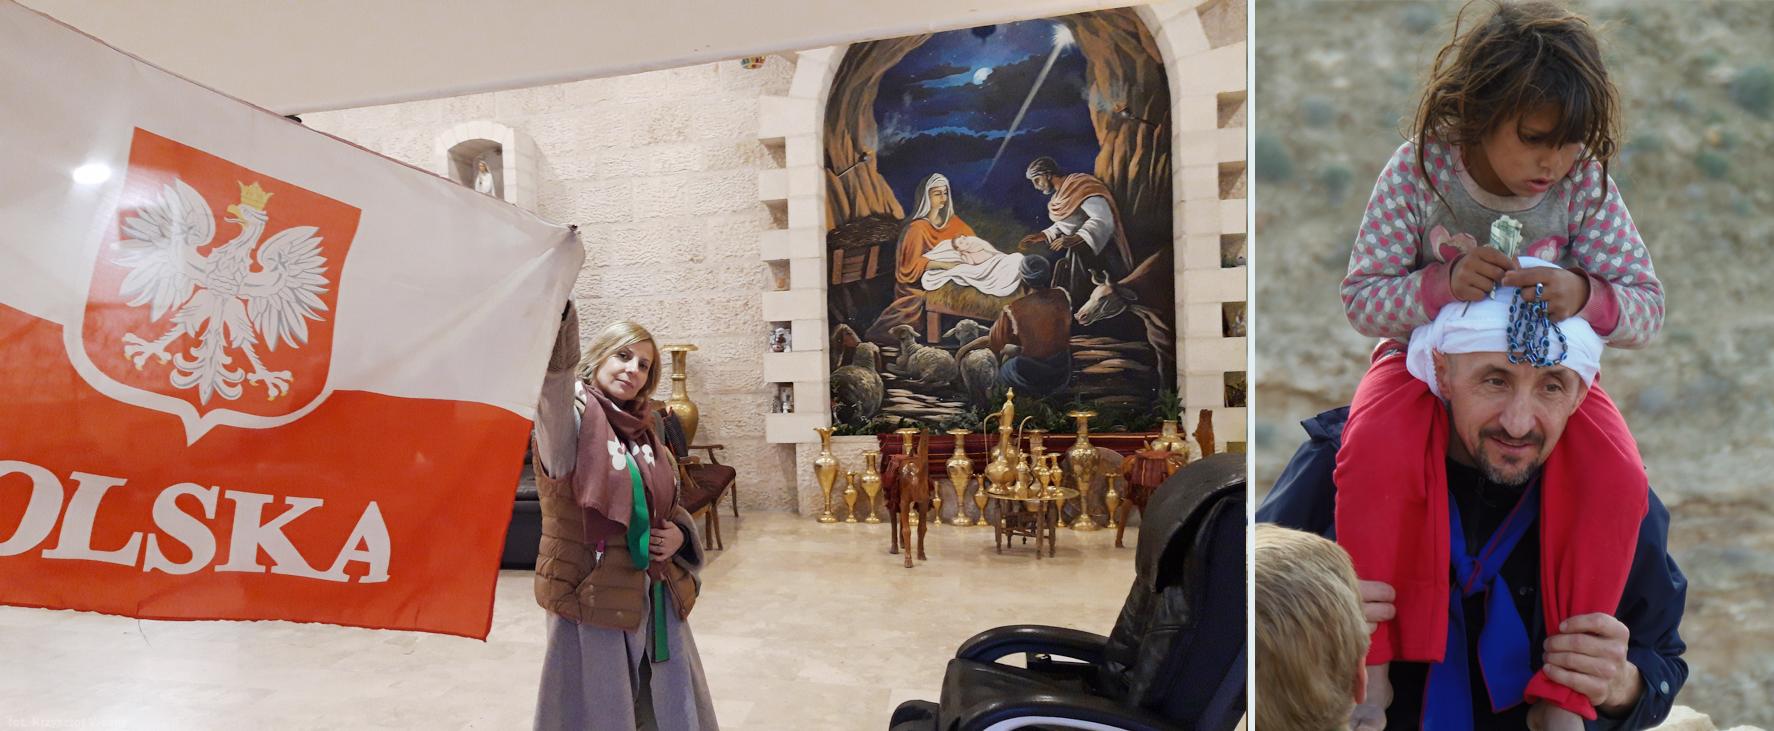 Z lewej: Betlejem; Z prawej: Ojciec Bogdan Kluska, trzyma na ramionach bosą dziewczynkę z biednego plemienia Beduinów (prawdopodobnie pochodzącą z pobliskiej wioski Nomadów)